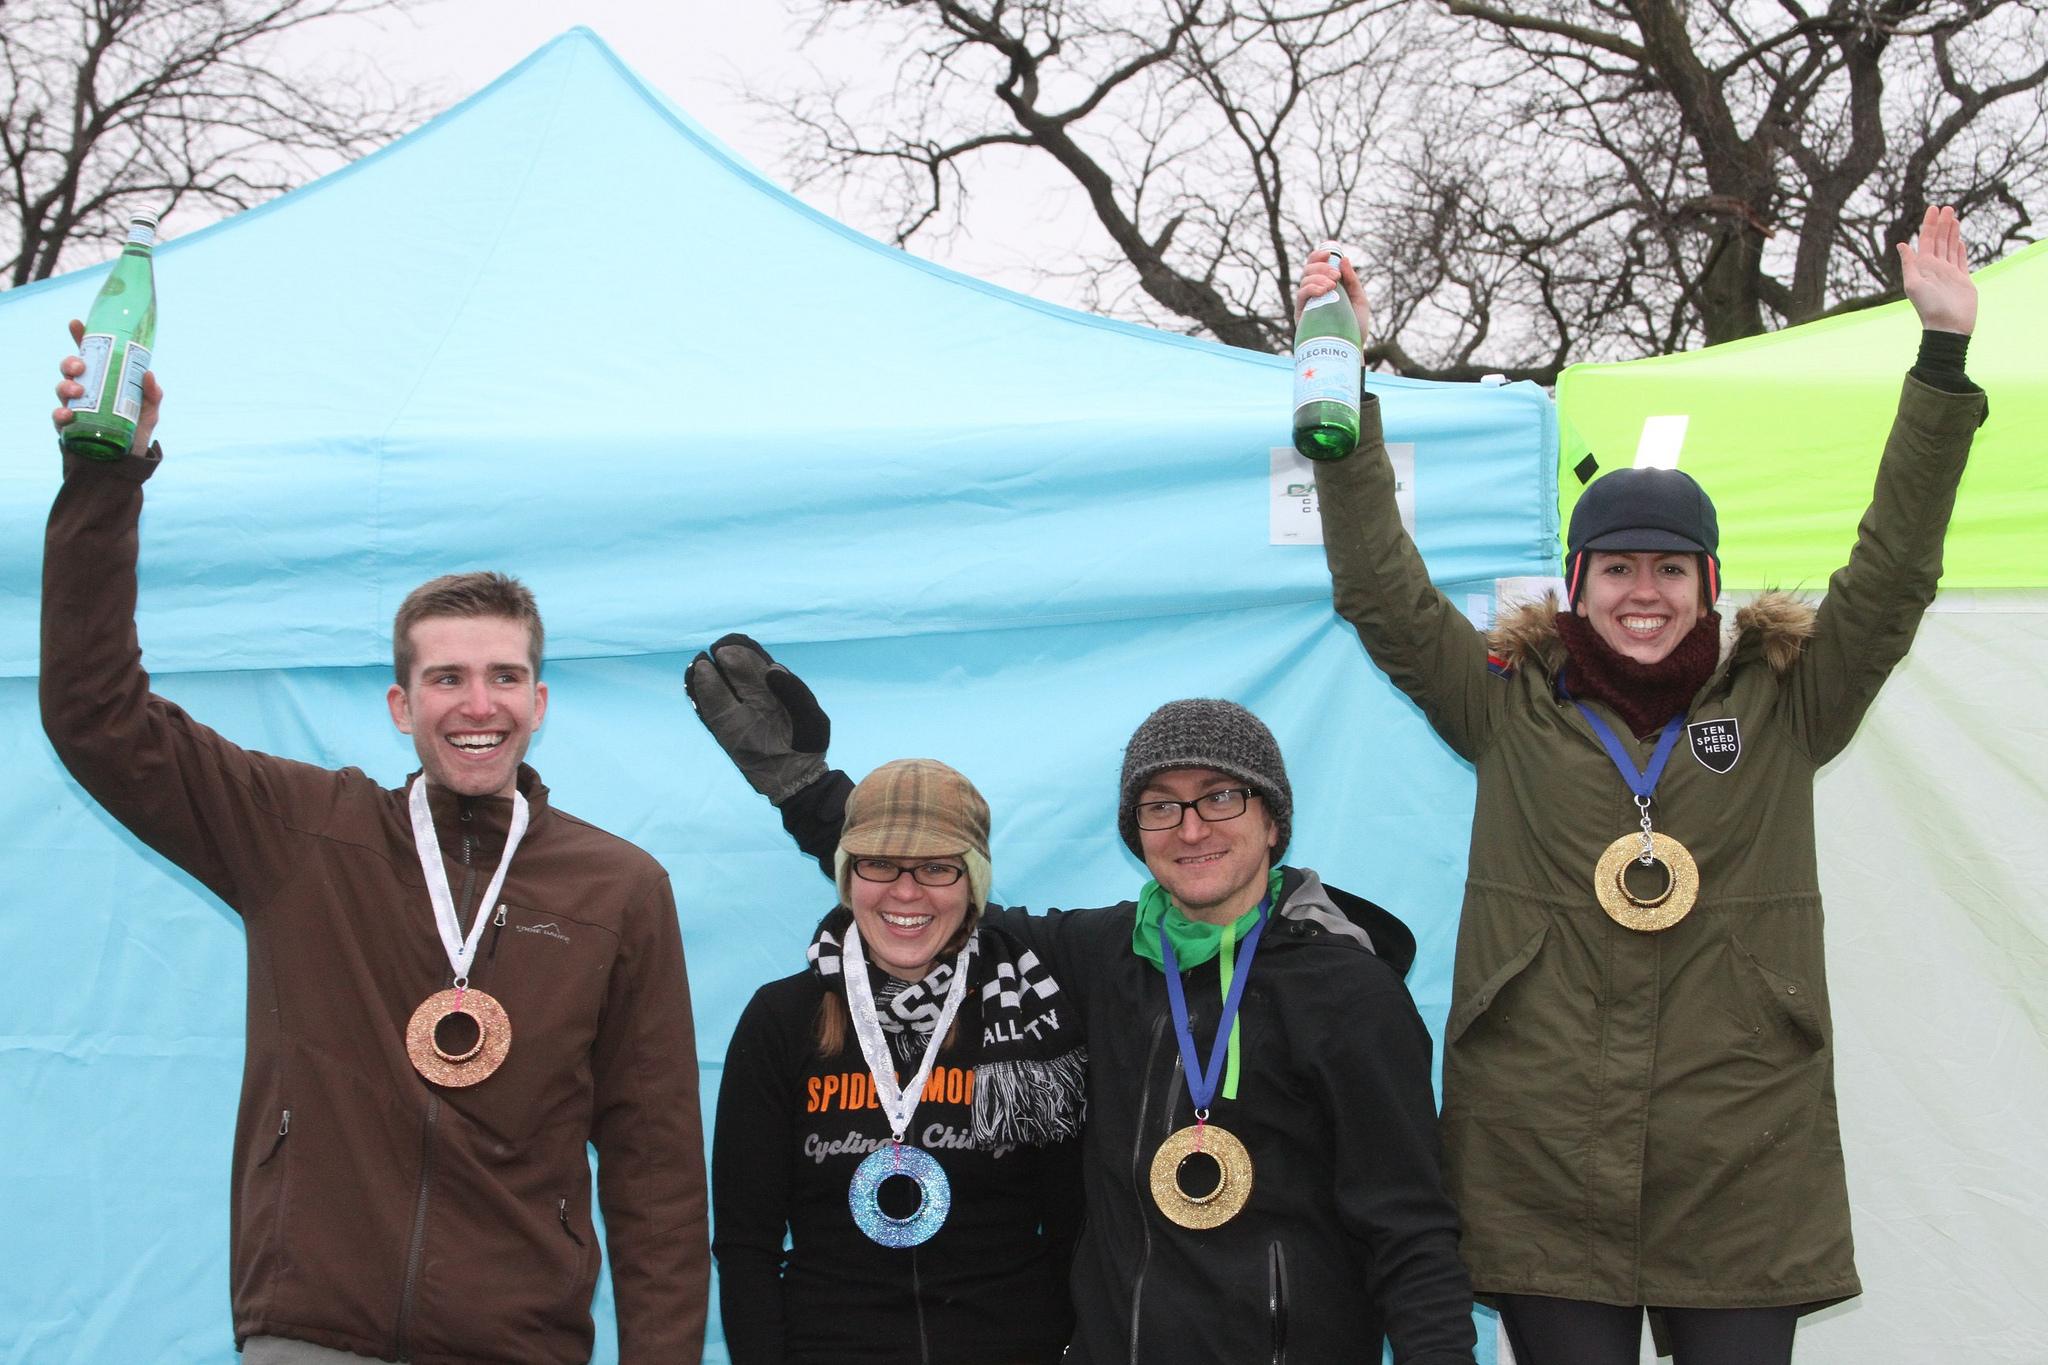 Photo by Amy Dykema  2014 Results: 1) Sophia Robinson, 24 laps; 2) Kristen Hosey, 23 laps; 3) [tied] Kelly Clarke & Brent Wegscheid, 22 laps; 5) [tied] Lucas Seibel & Steve Biedron, 17 laps